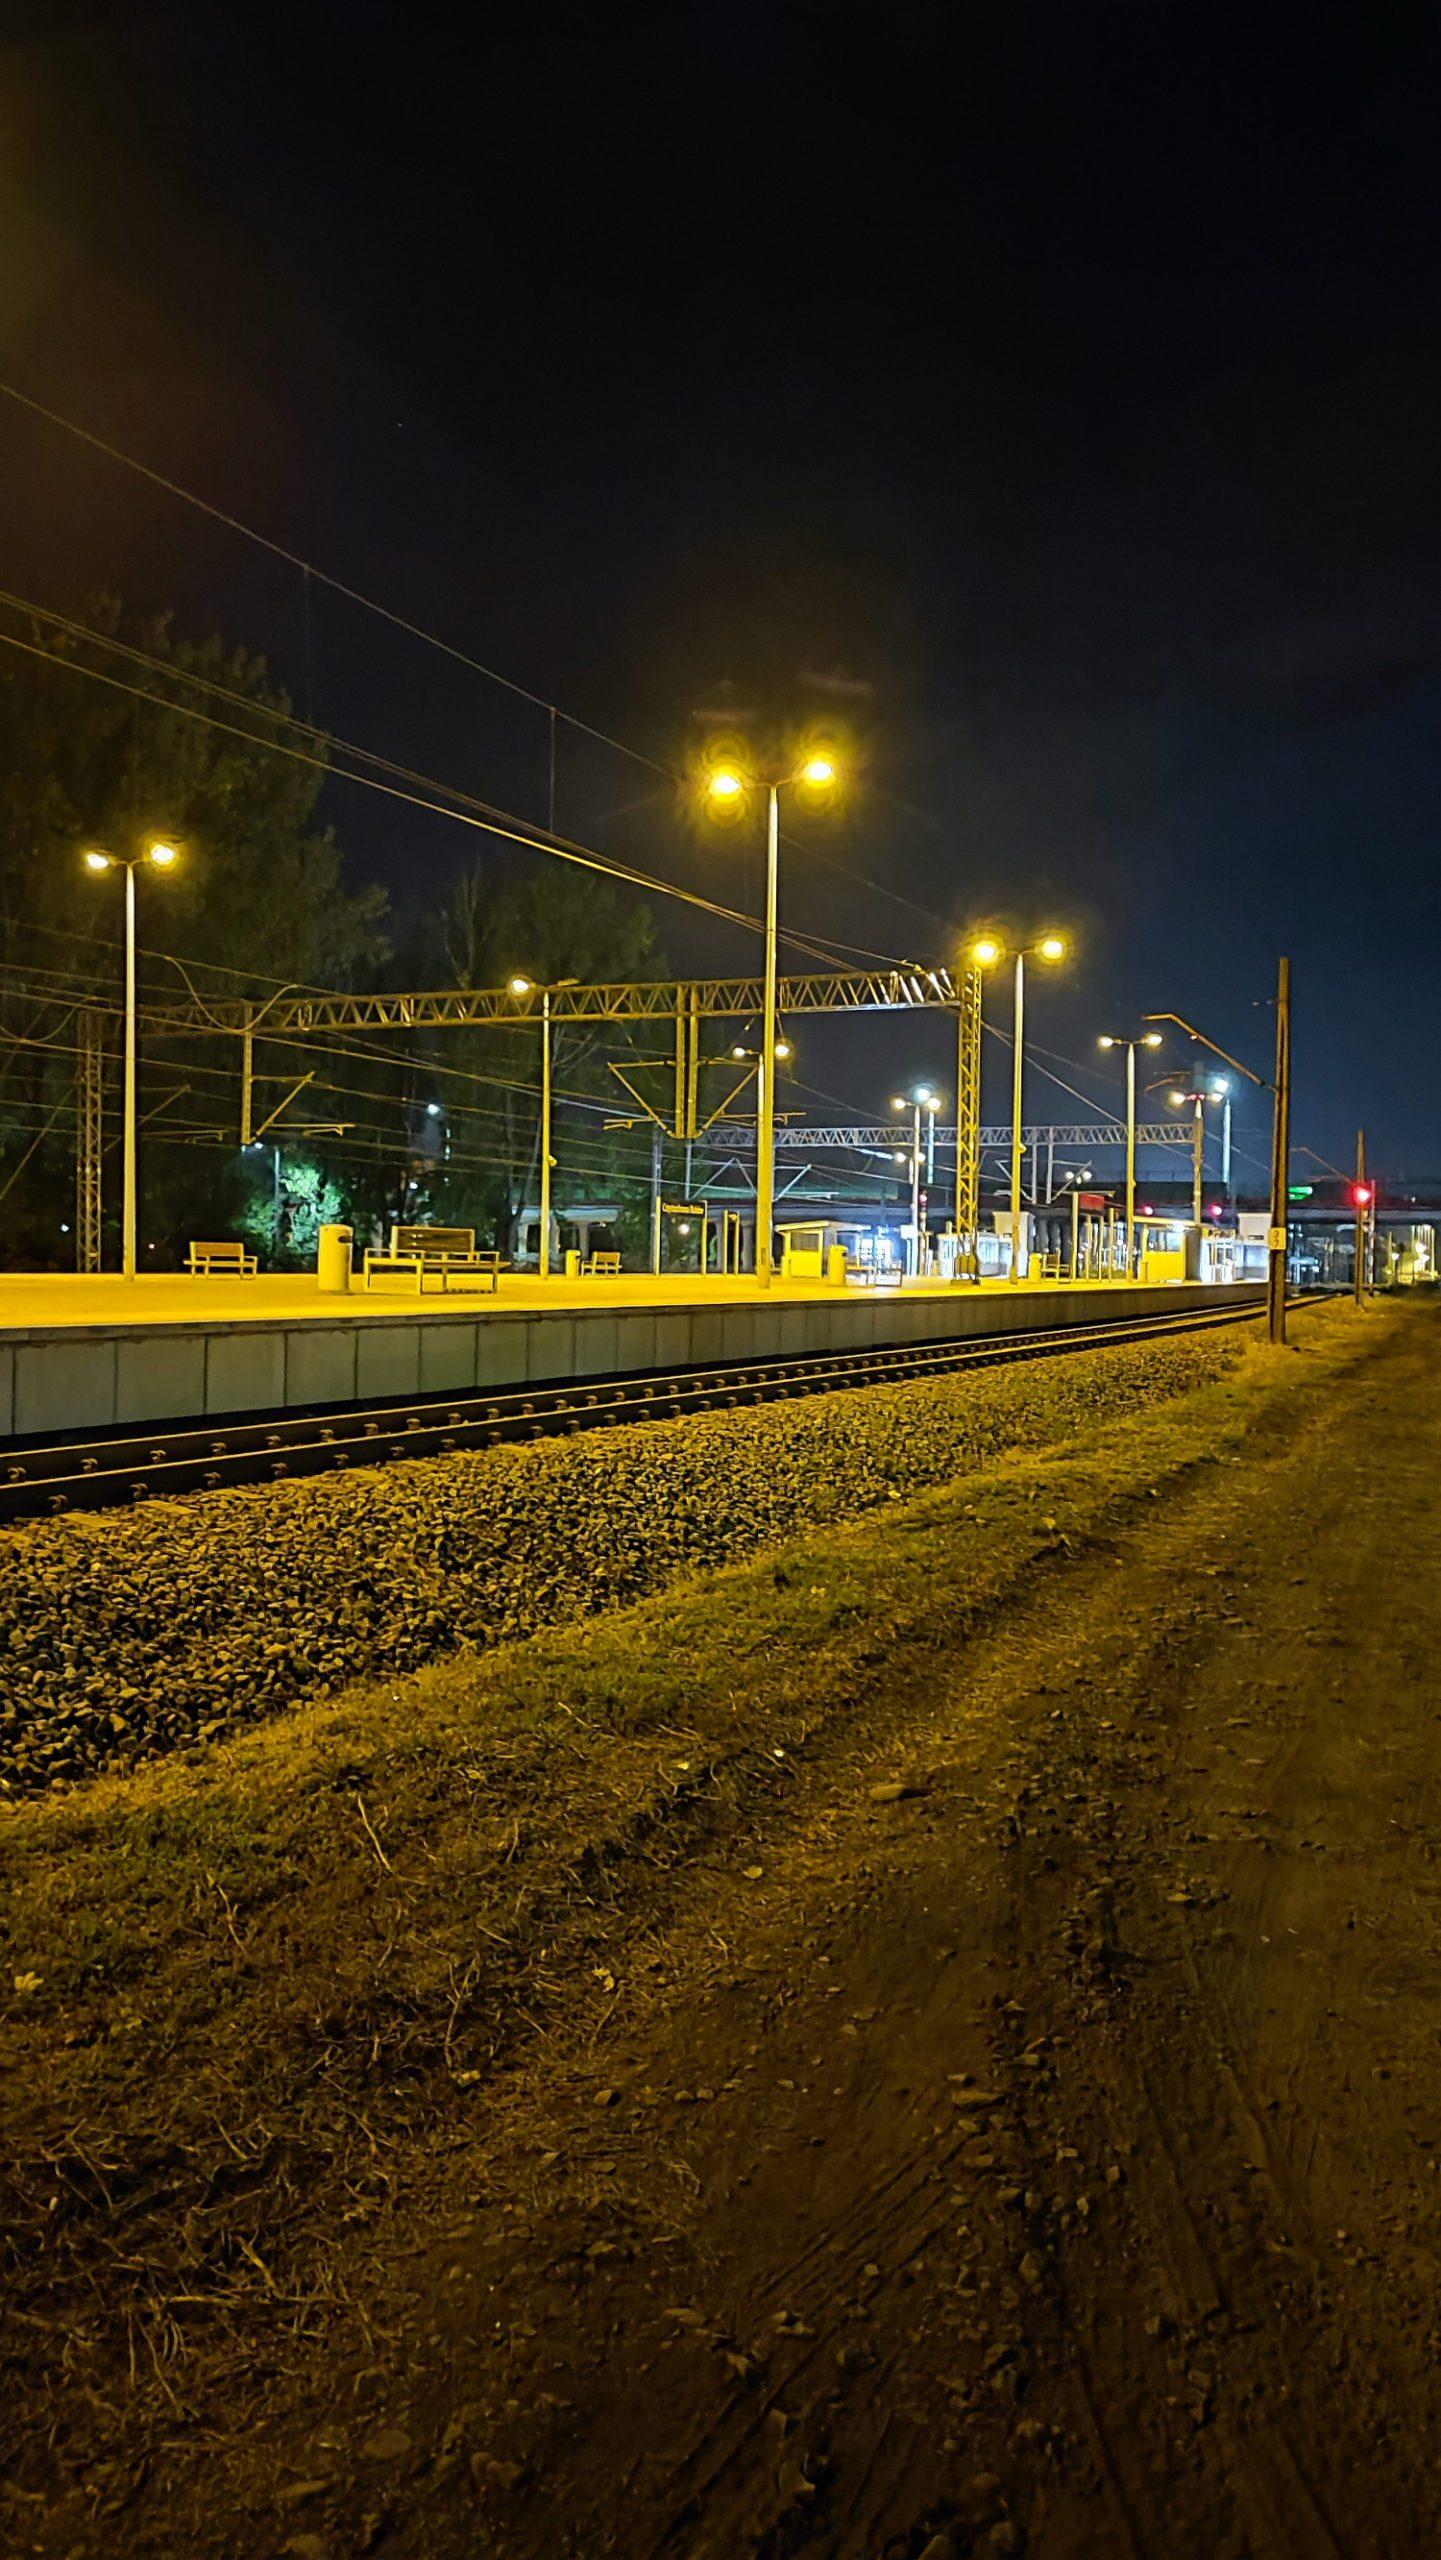 xiaomi-11t-pro-zdjecie-nocne-stacji-kolejowej